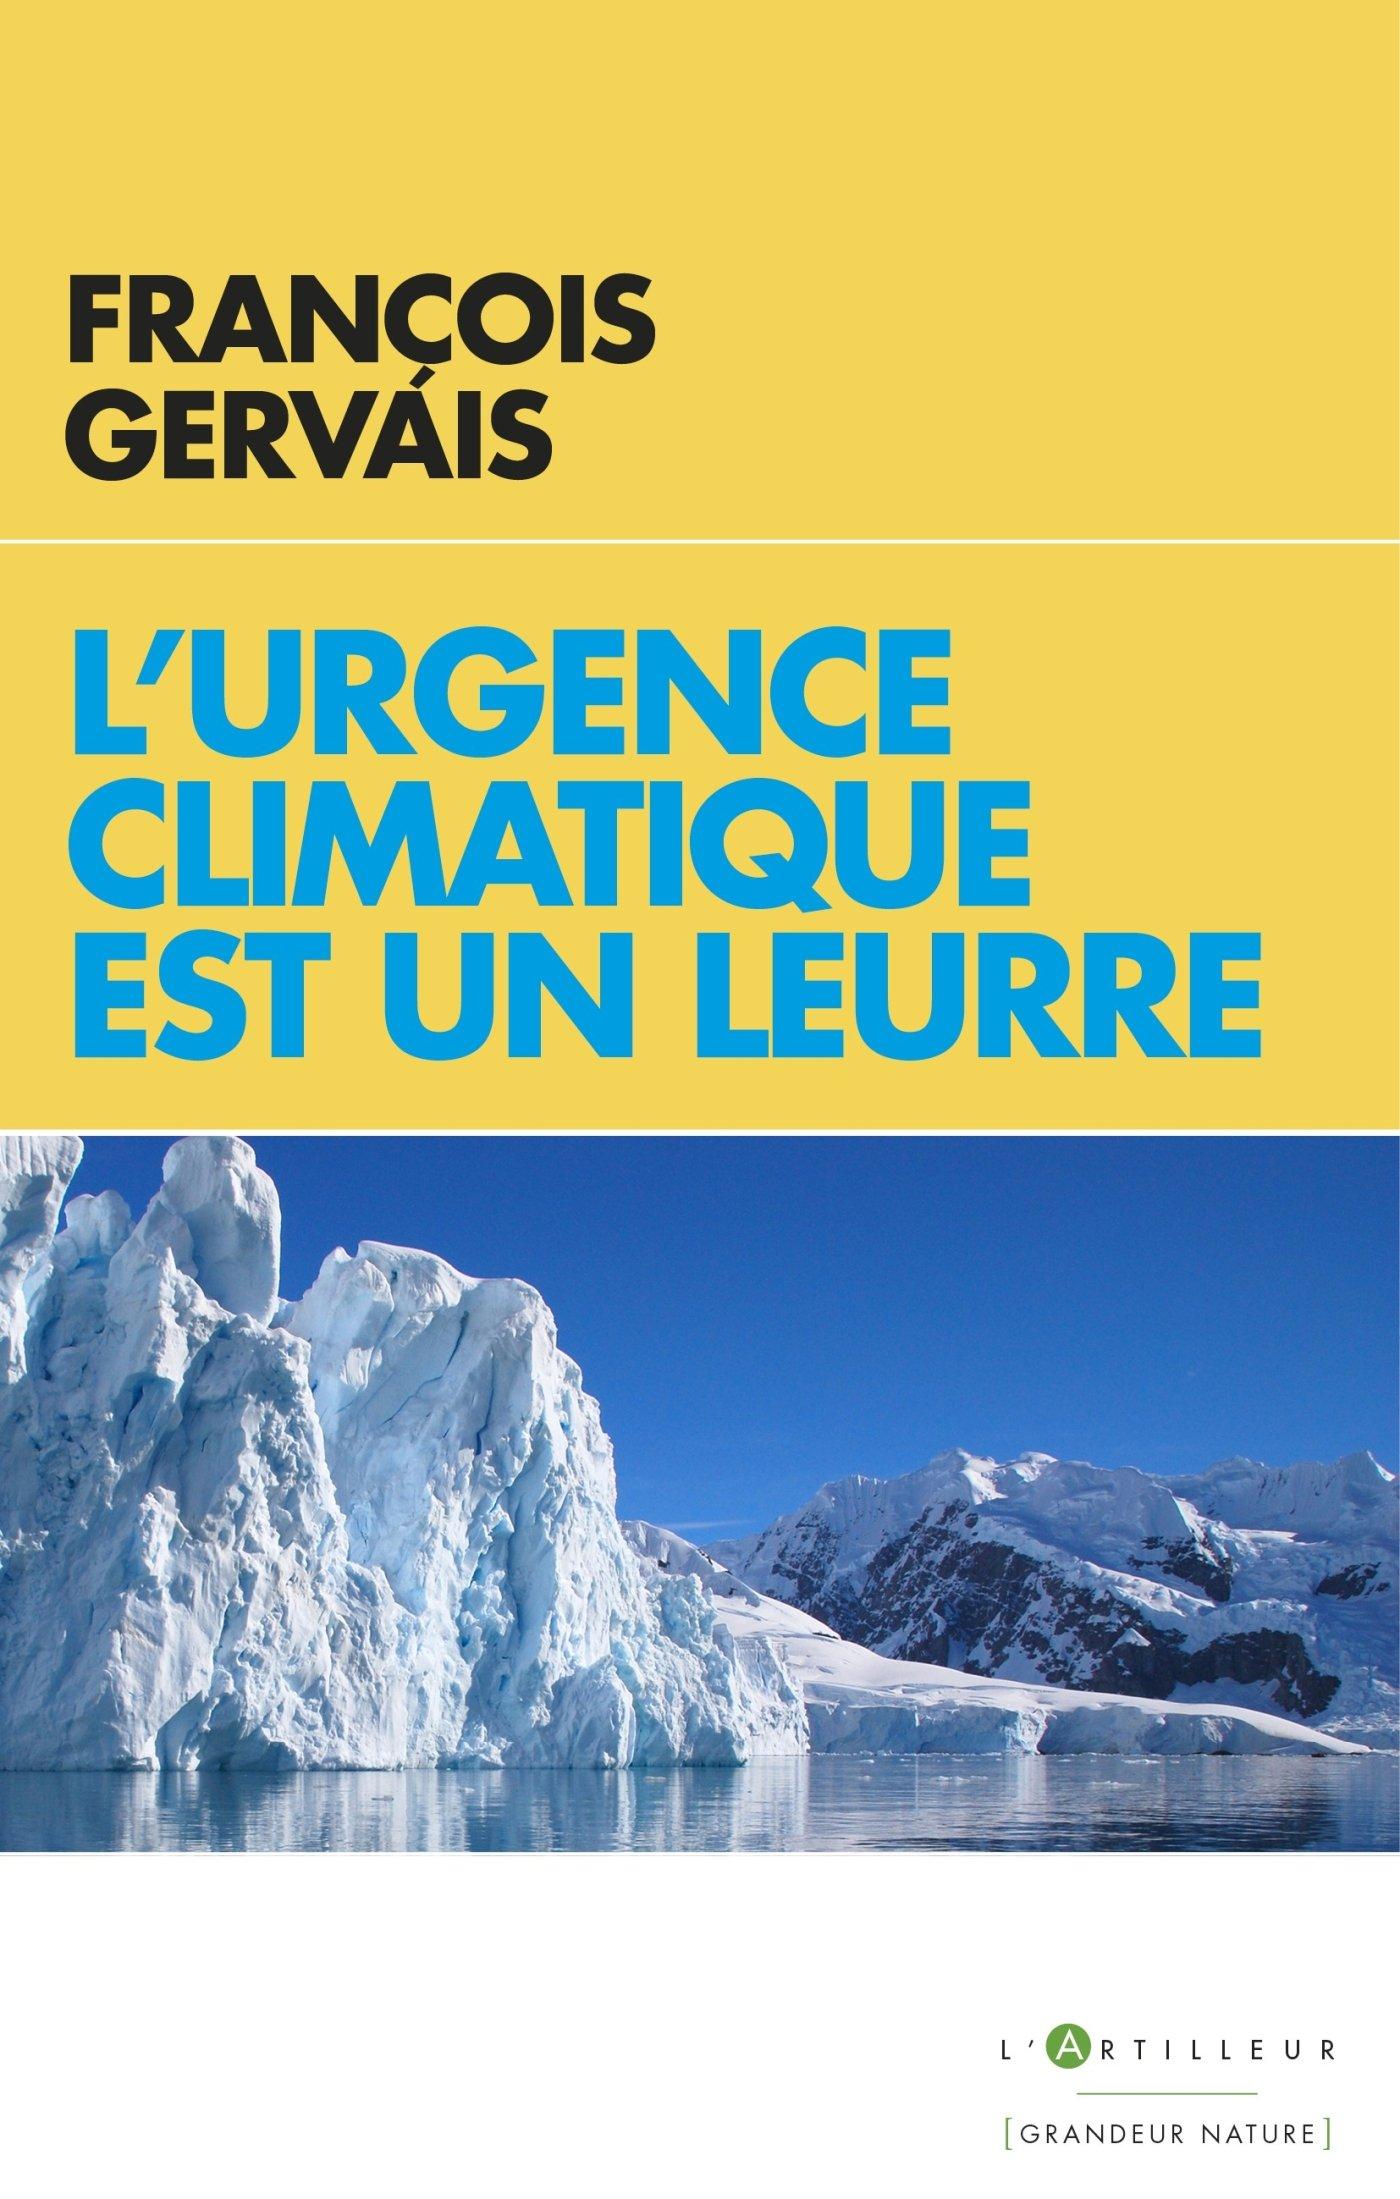 L'urgence climatique est un leurre por François Gervais